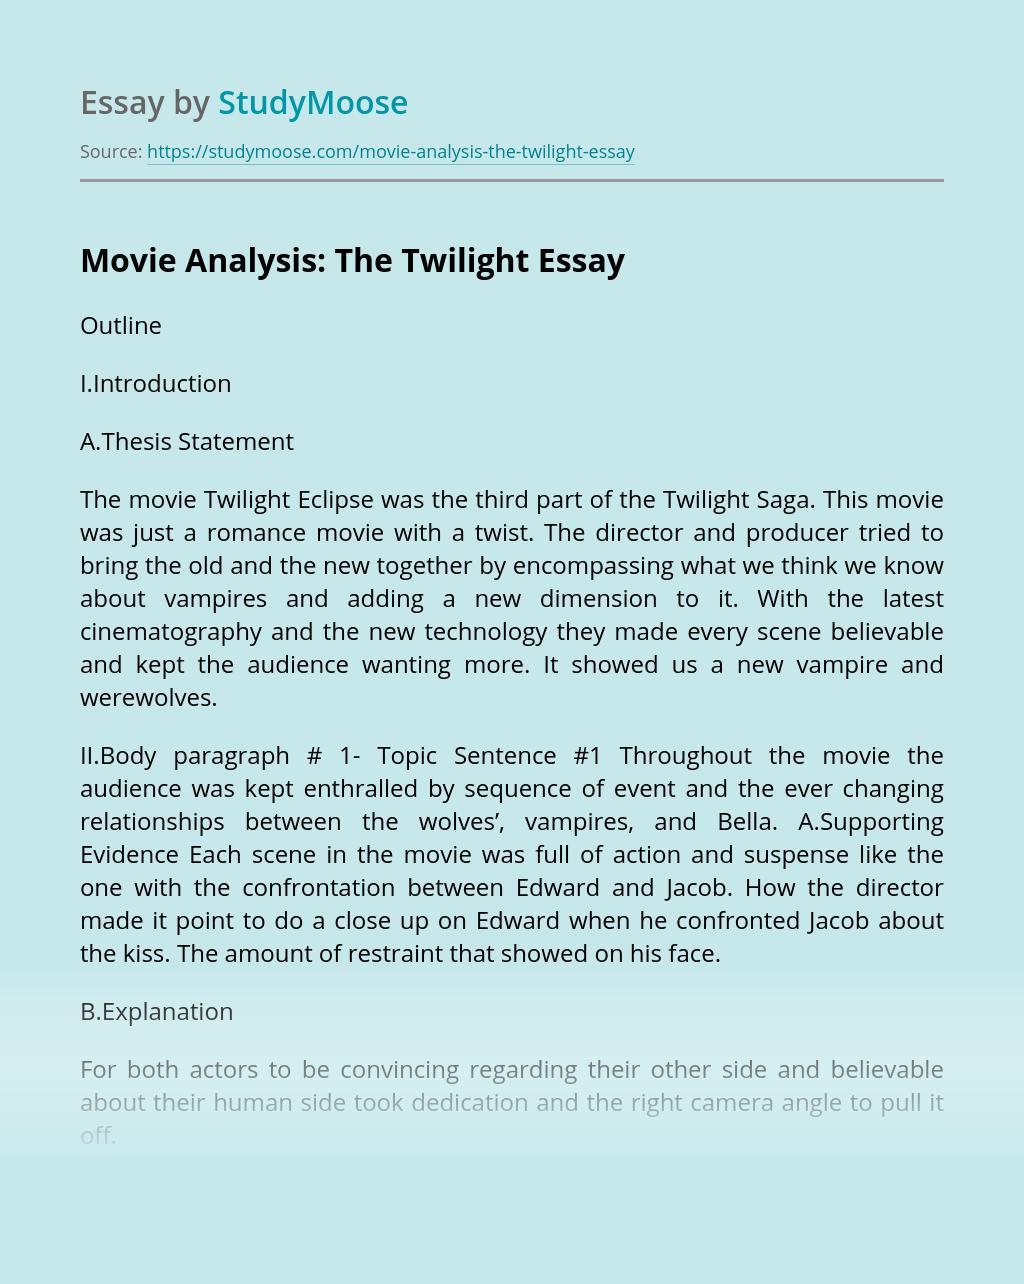 Movie Analysis: The Twilight